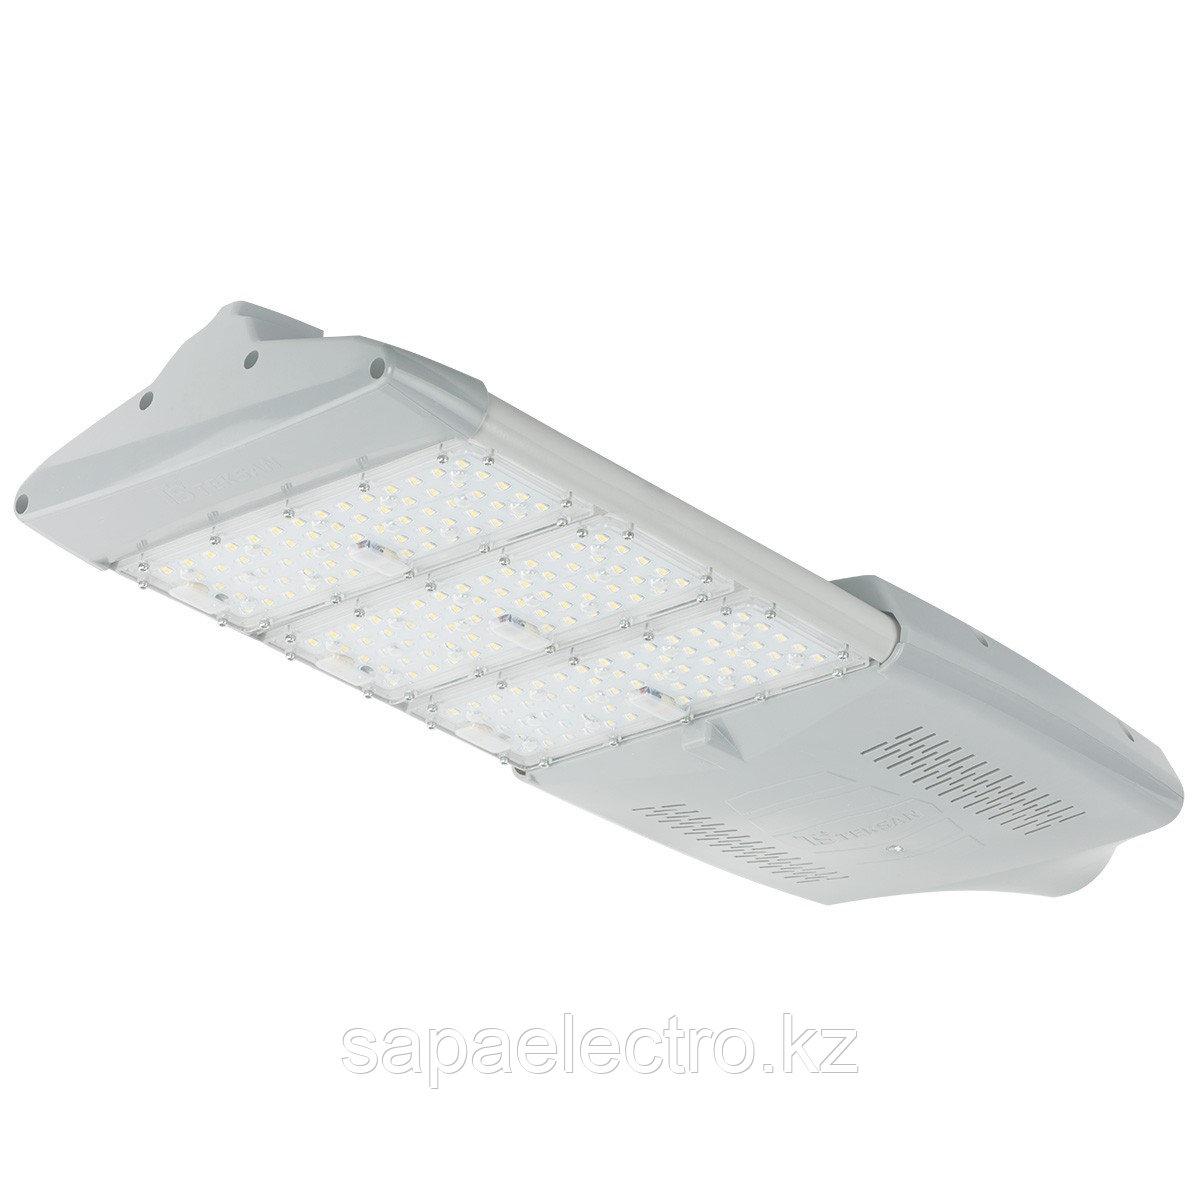 Свет-к RKU LED SMART 3*50W с гербоксом (3года гаран